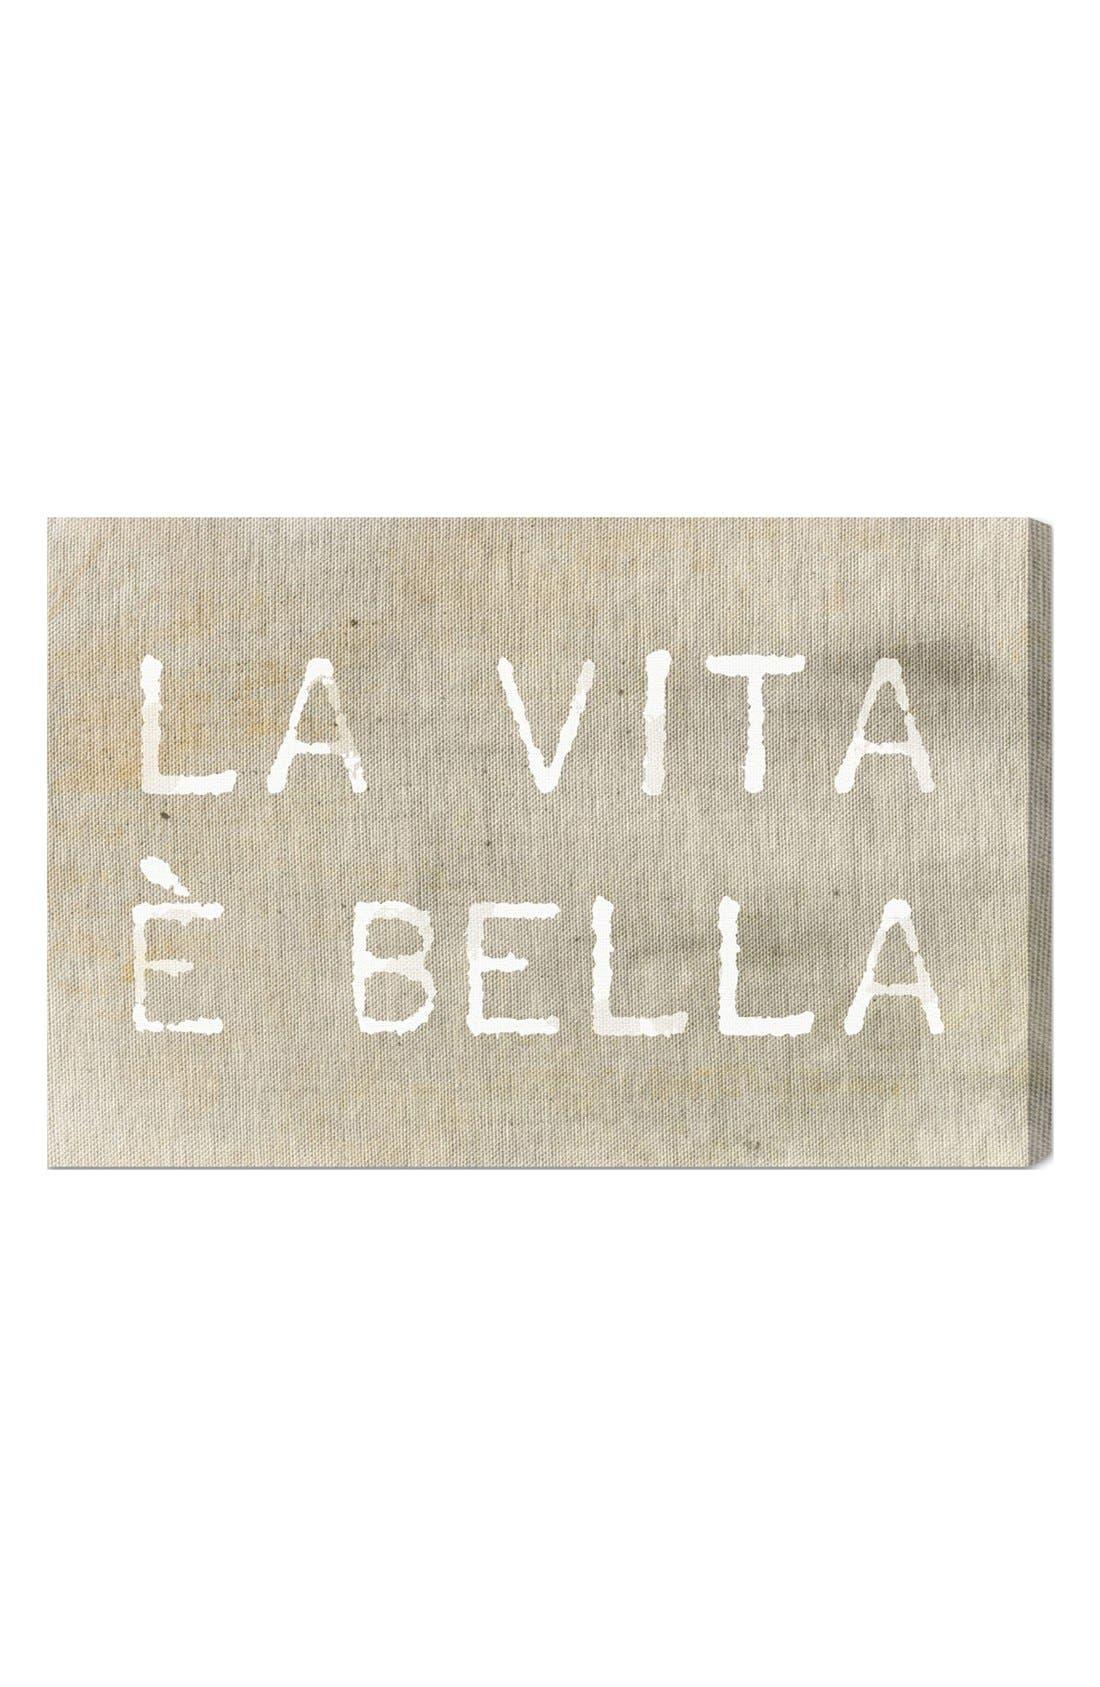 'La Vita È Bella' Wall Art,                         Main,                         color, Beige/ Khaki